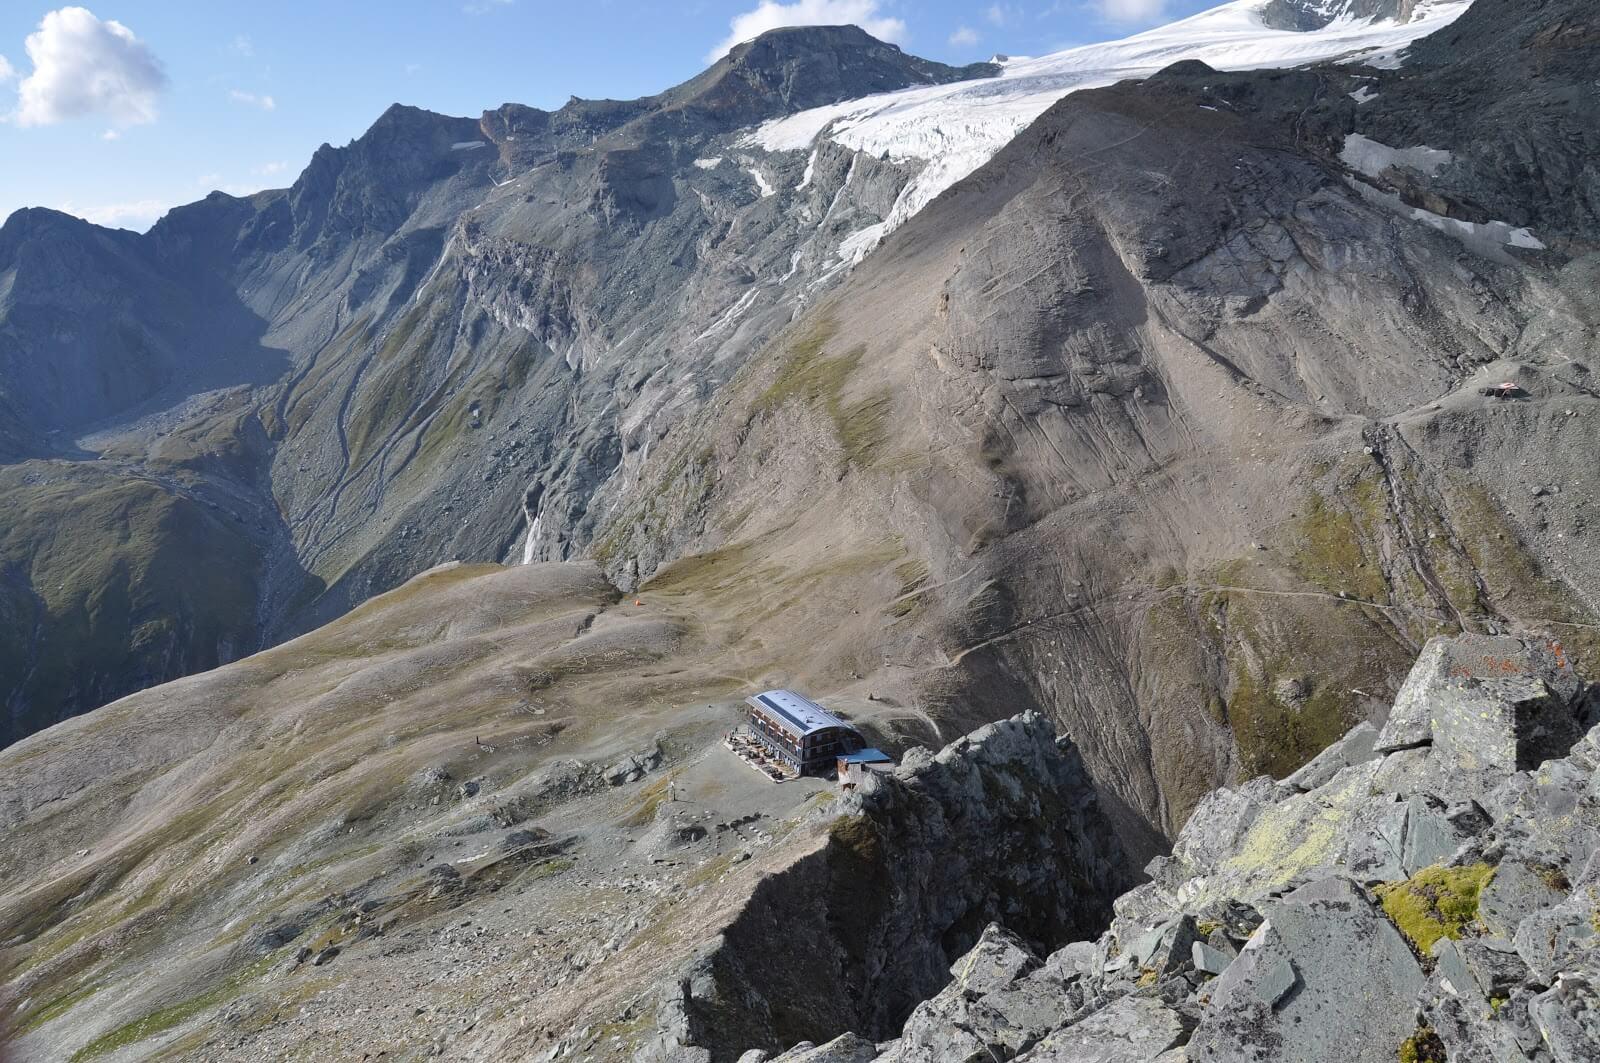 die Stüdlhütte vom Fanatkogel aus fotografiert